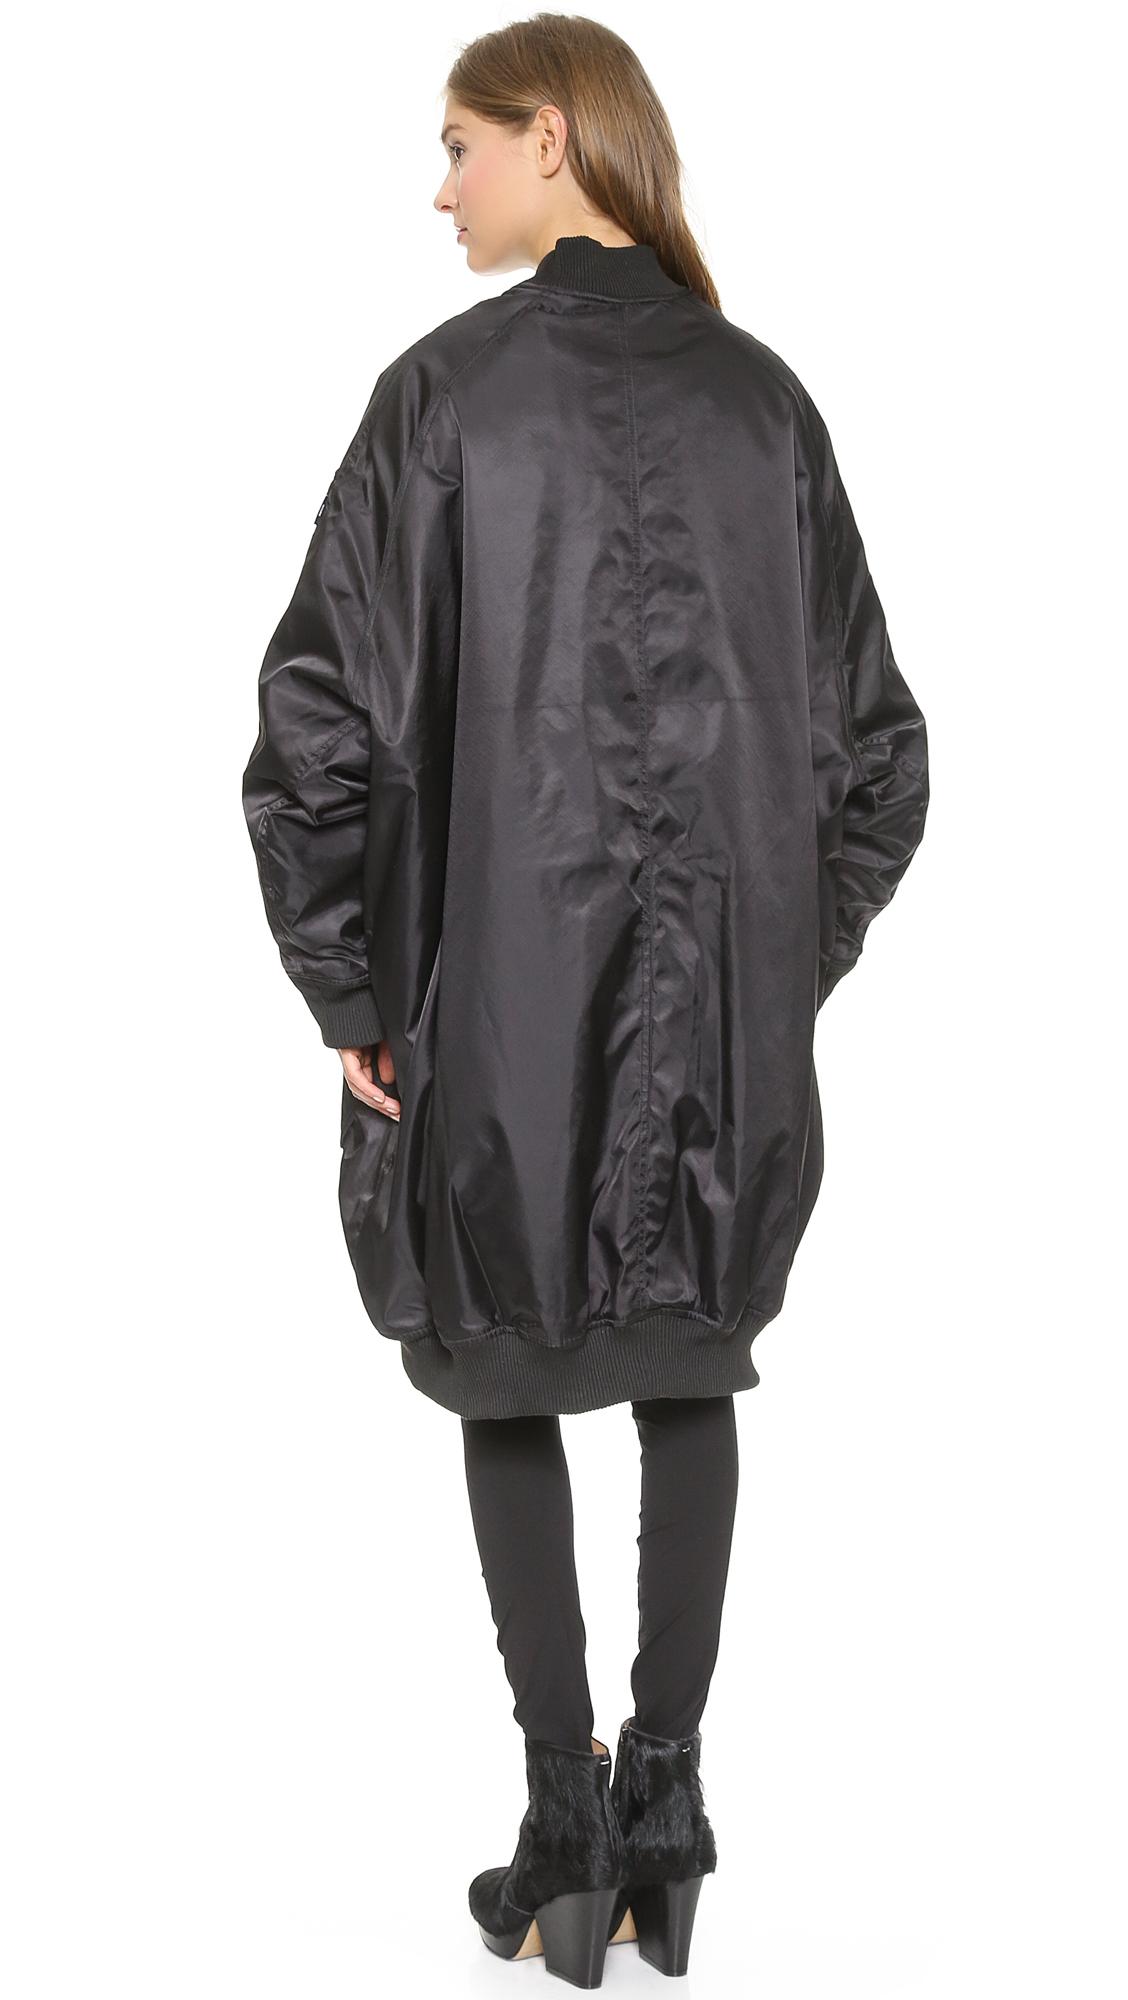 Ktz Oversized Bomber Jacket Black in Black | Lyst